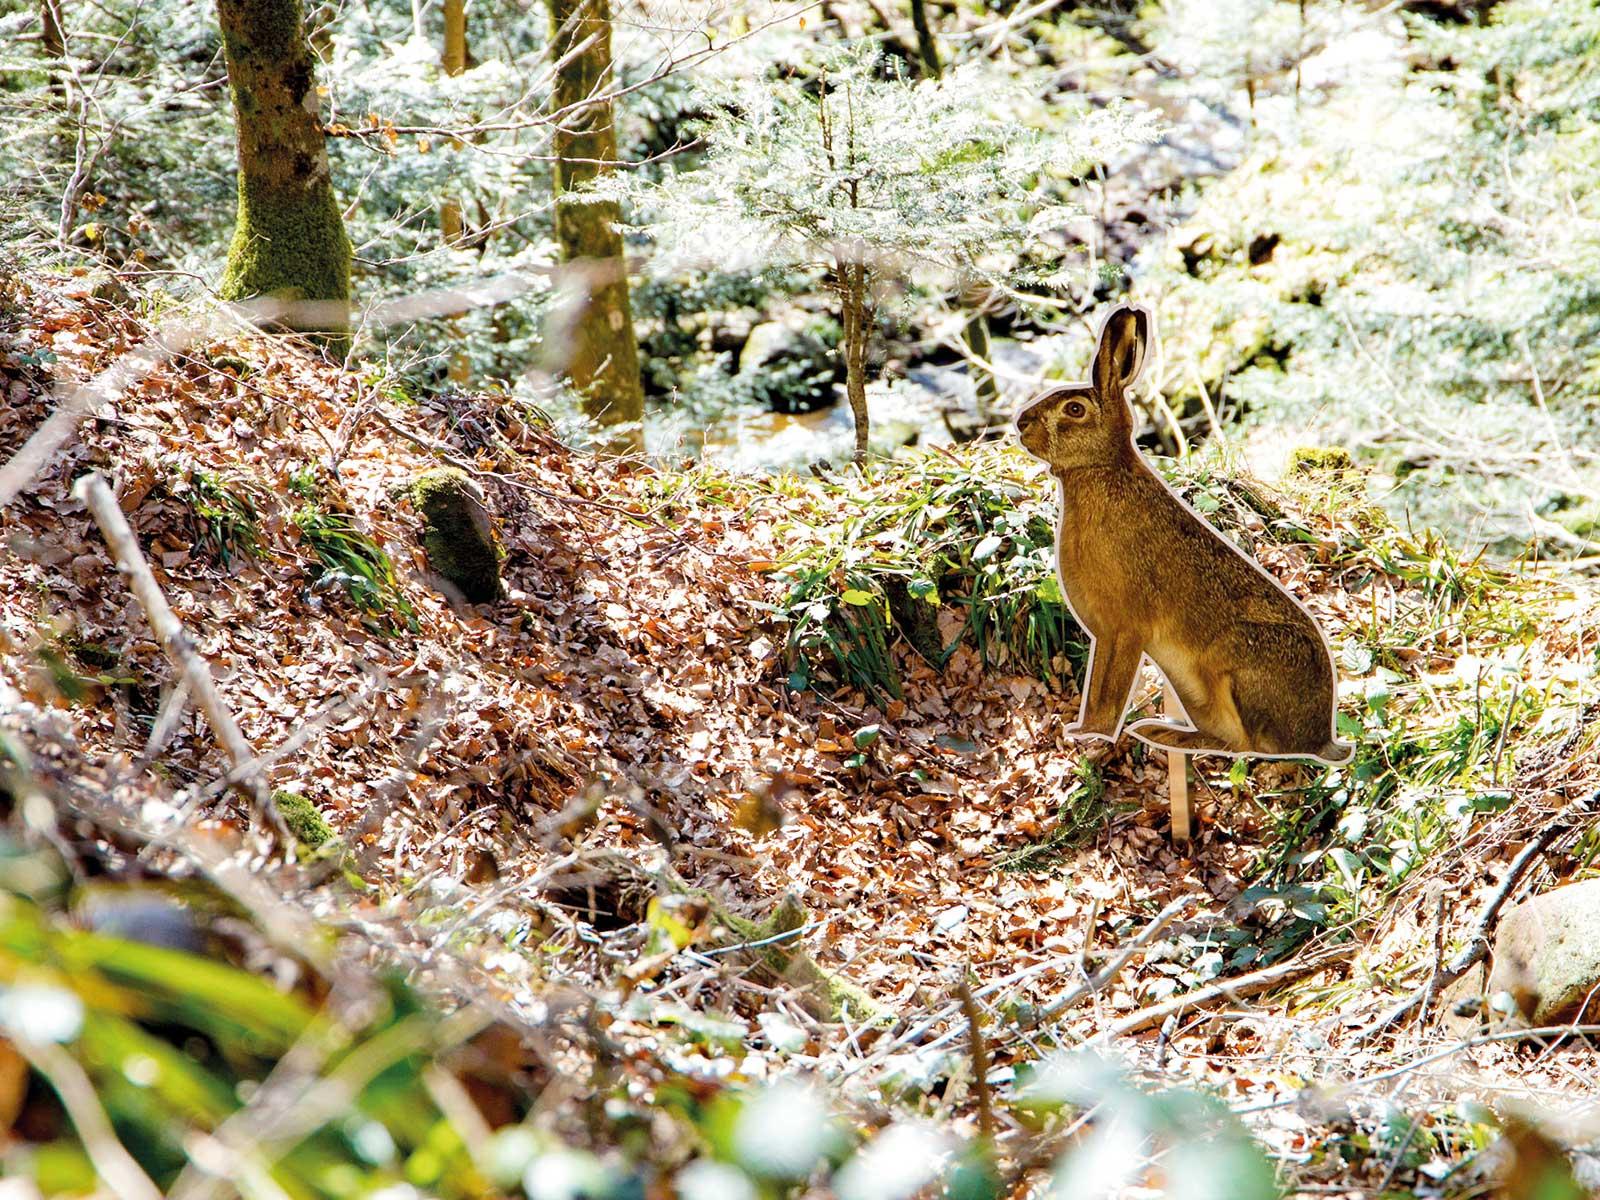 Waldbewohner aufspüren - auf dem Pirschpfad in Bad Peterstal-Griesbach